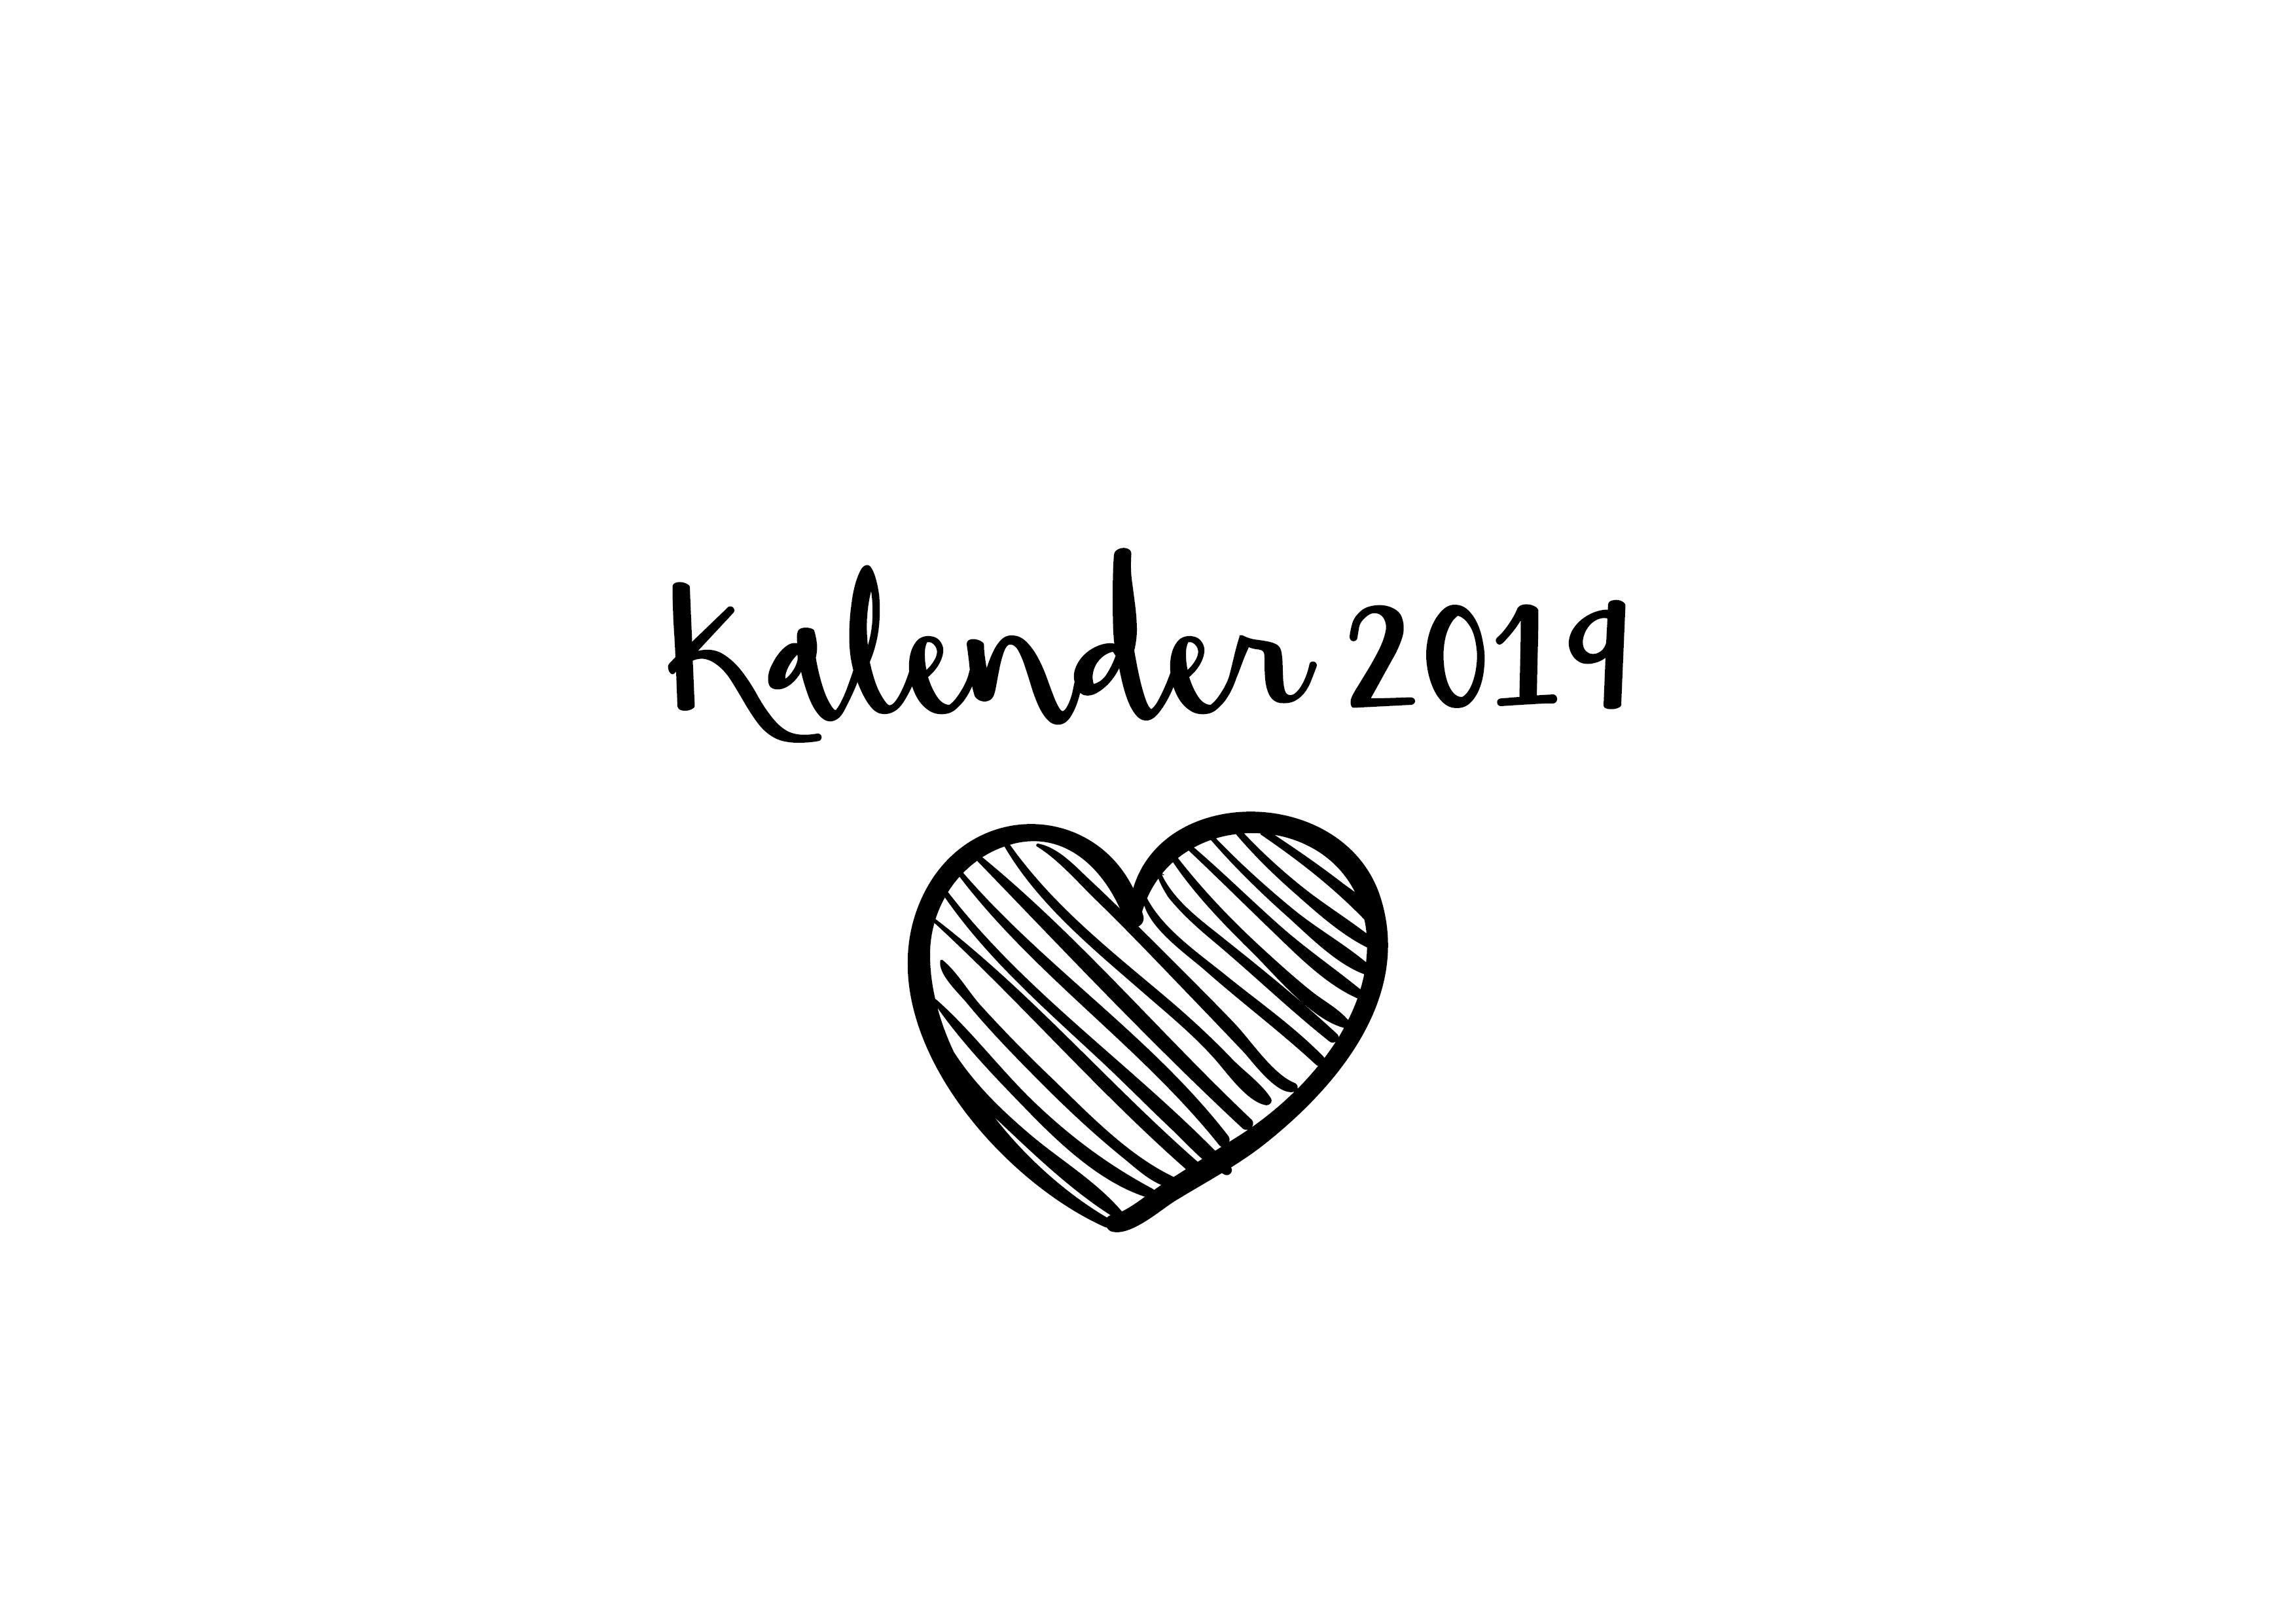 Favoriete Kalender 2019 zelf afprinten thuis - Duidelijkheid - Sofie Lambrecht @NQ81